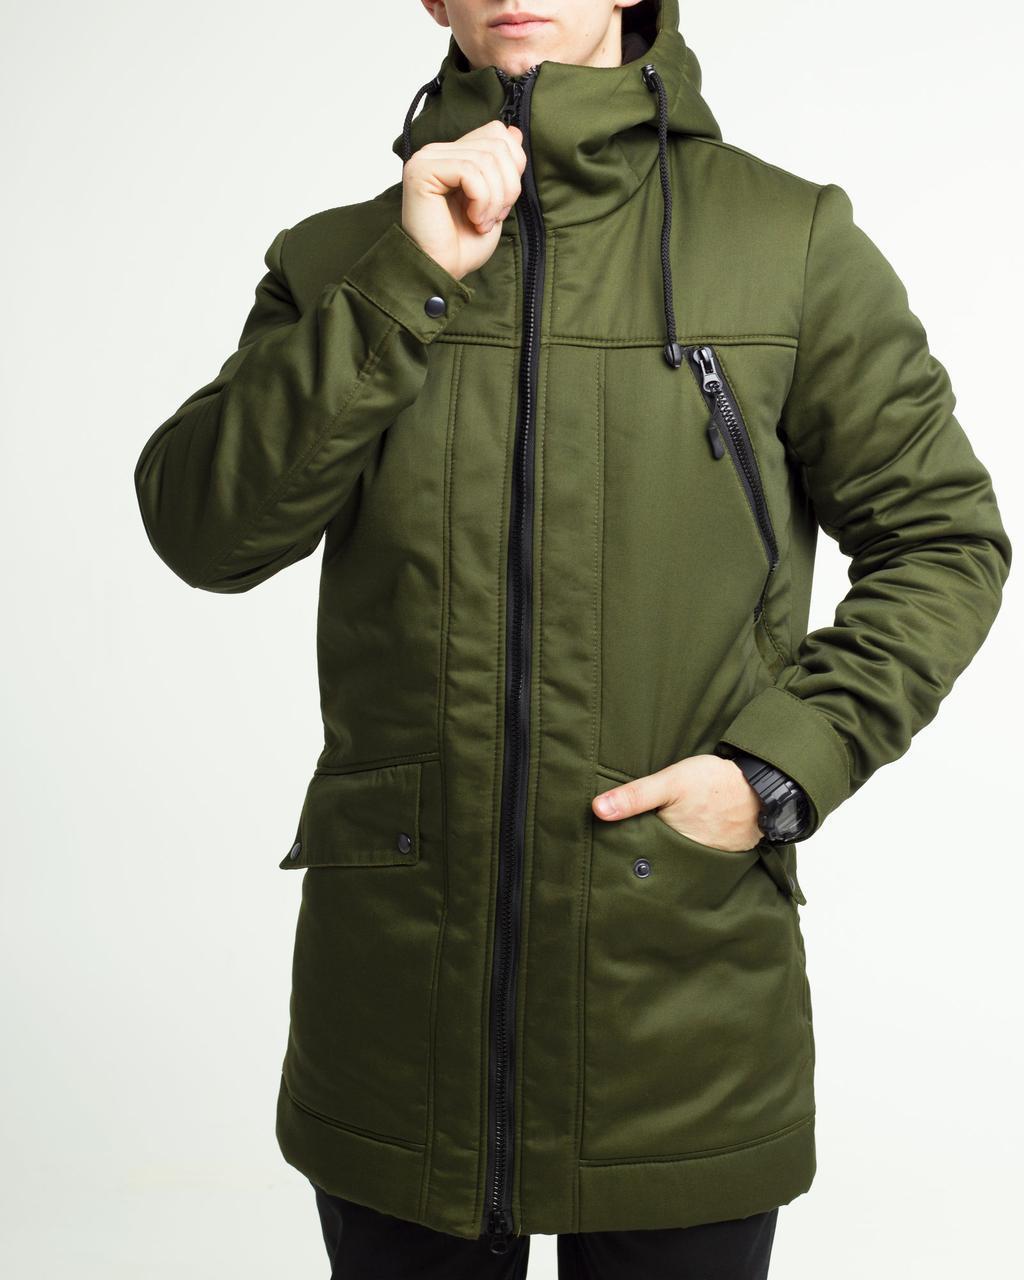 Зимова куртка парку чоловіча хакі водовідштовхувальна Грізлі (Grizli) від бренду ТУР розмір S, M, L, XL, XXL